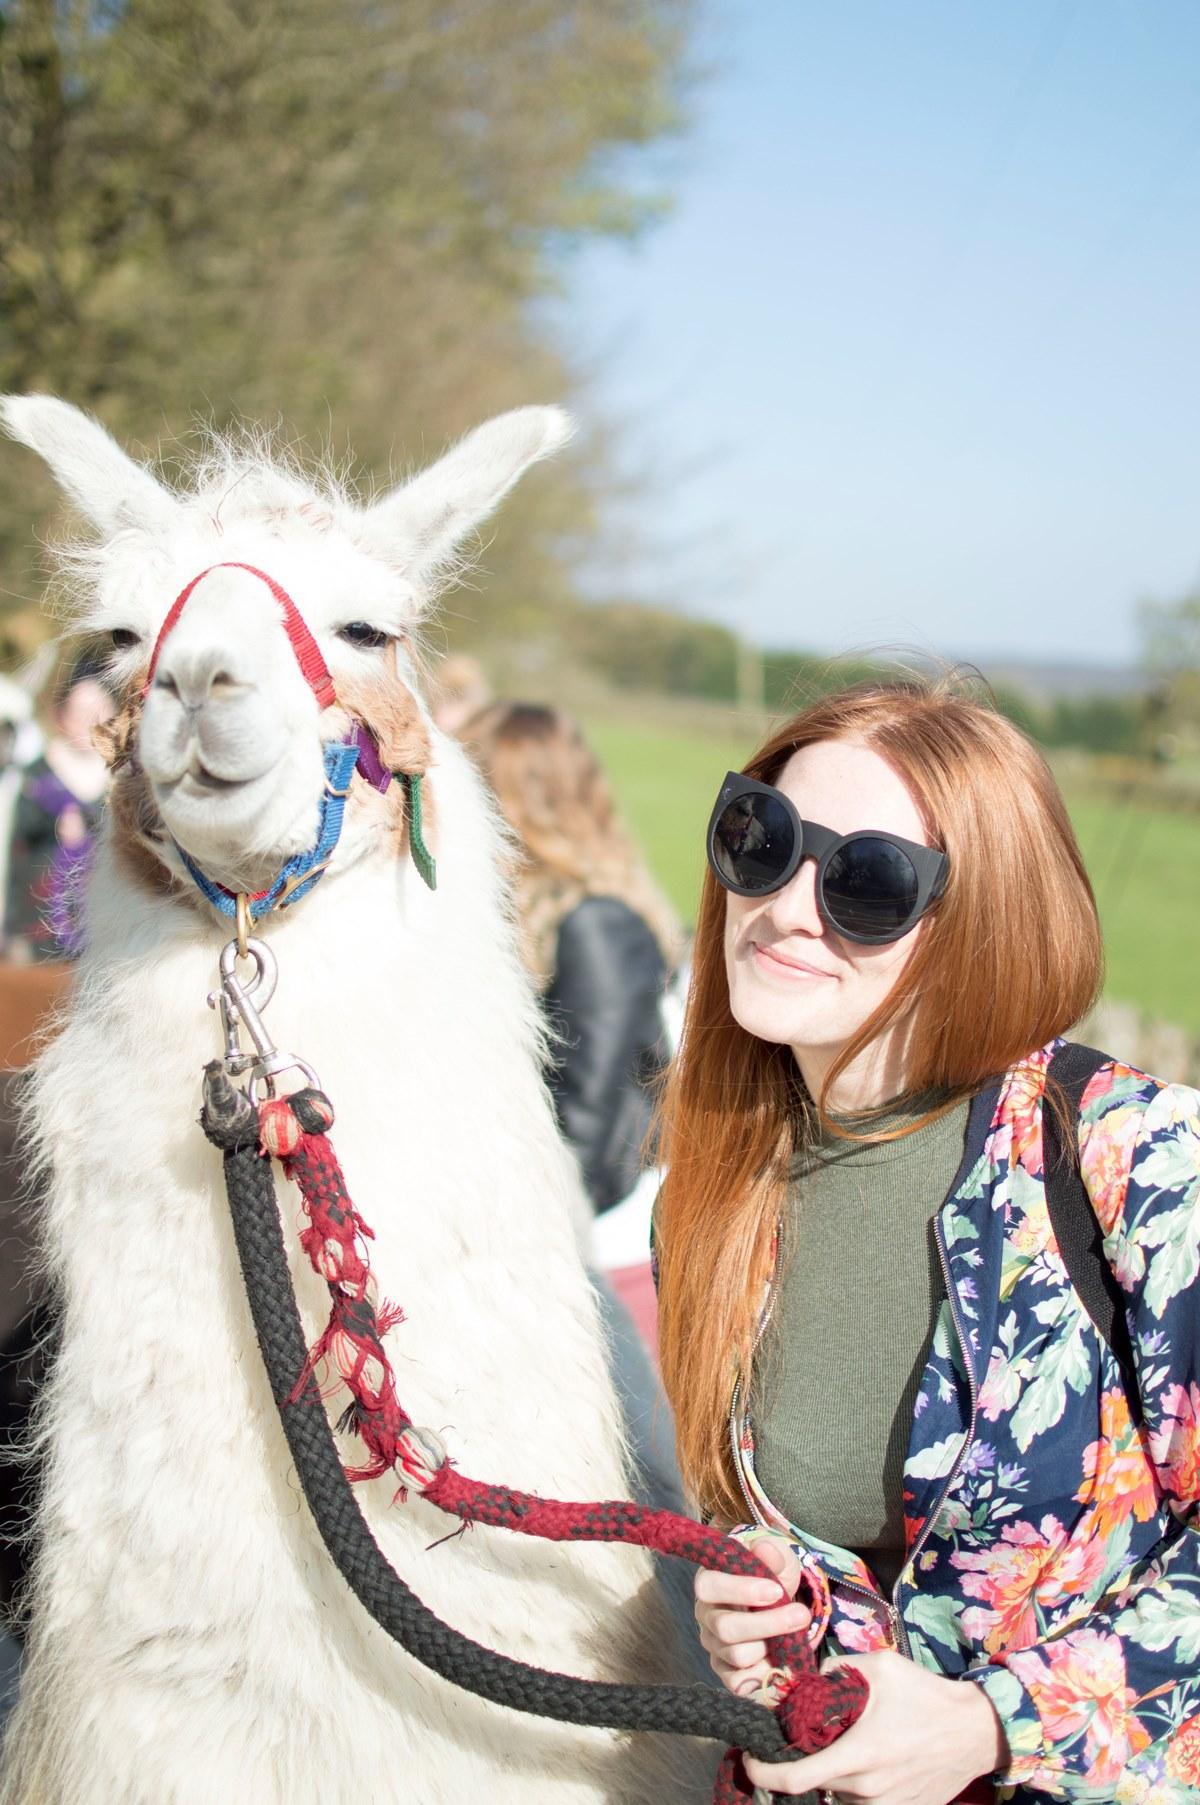 Llama Trekking in Yorkshire (& Vlog!)